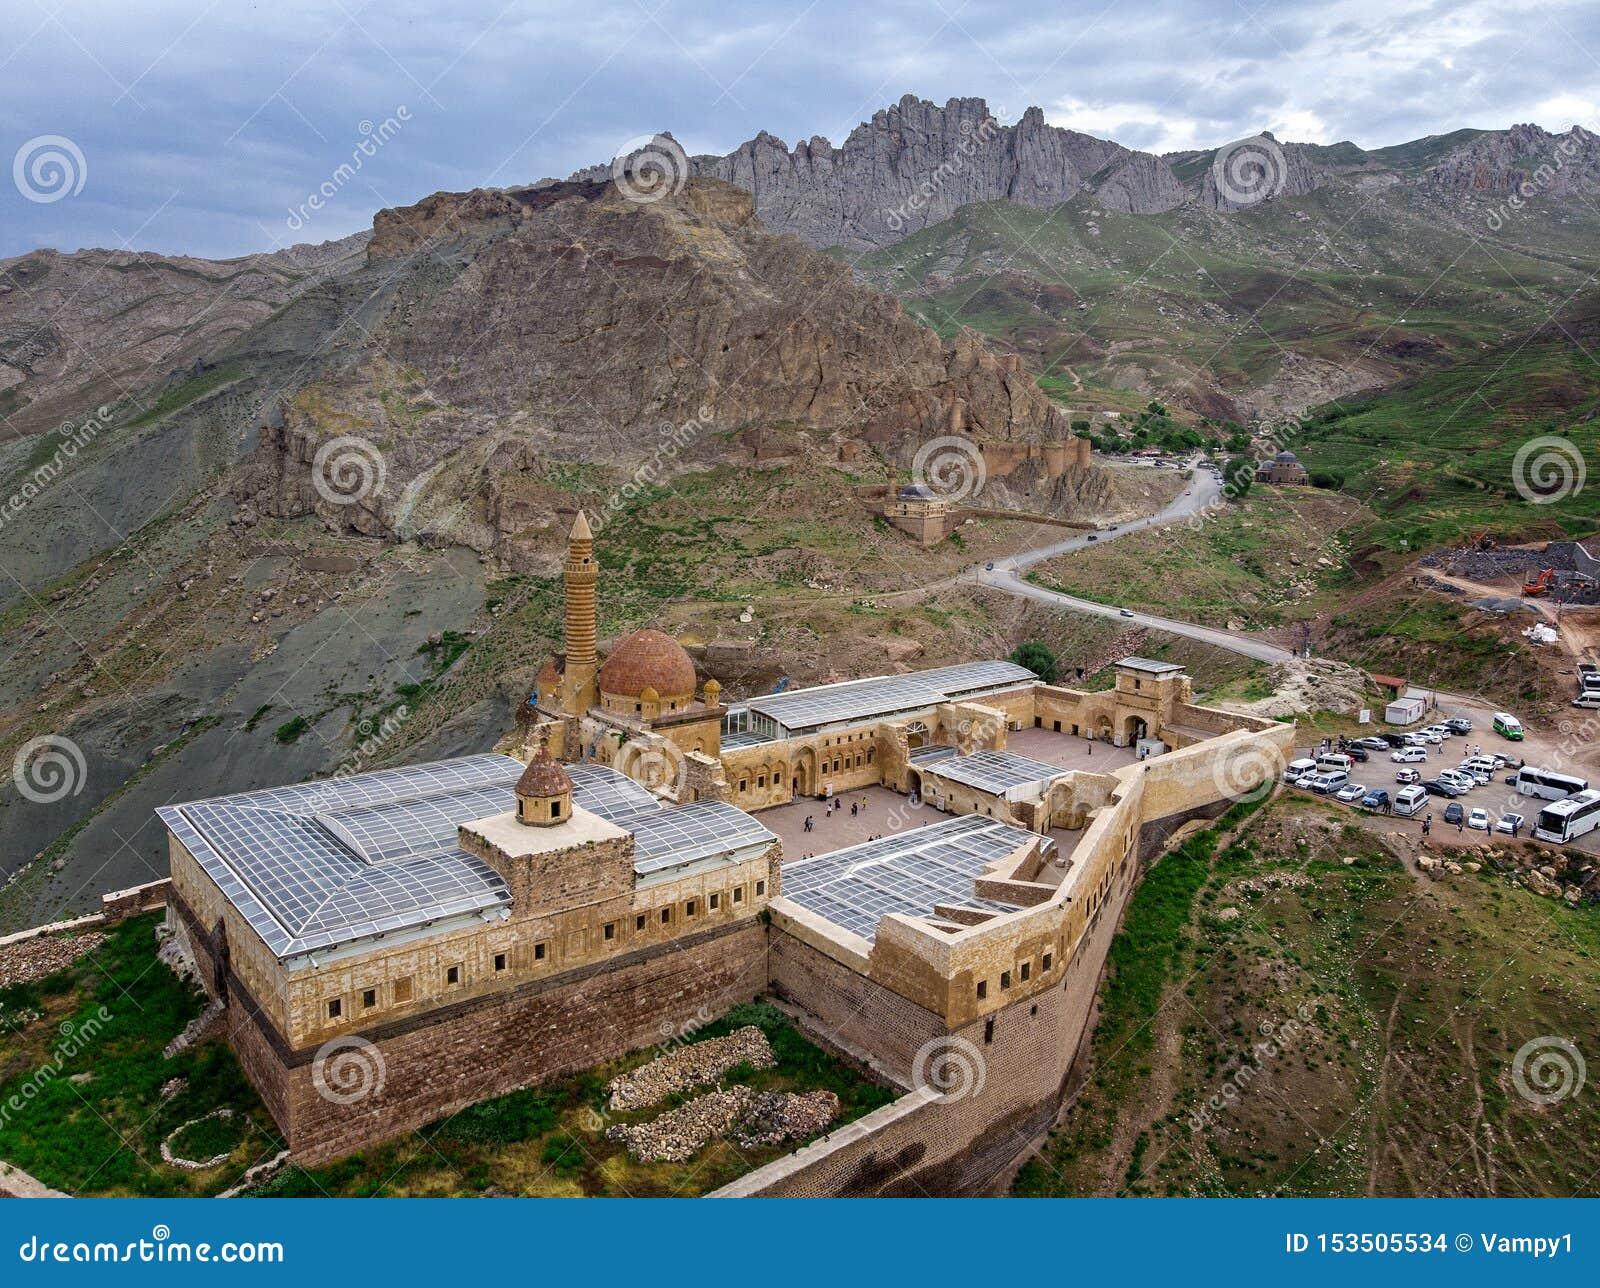 Вид с воздуха дворца паши Ishak полу-загубленный дворец и административный комплекс расположенные в Dogubeyazit, Agri E